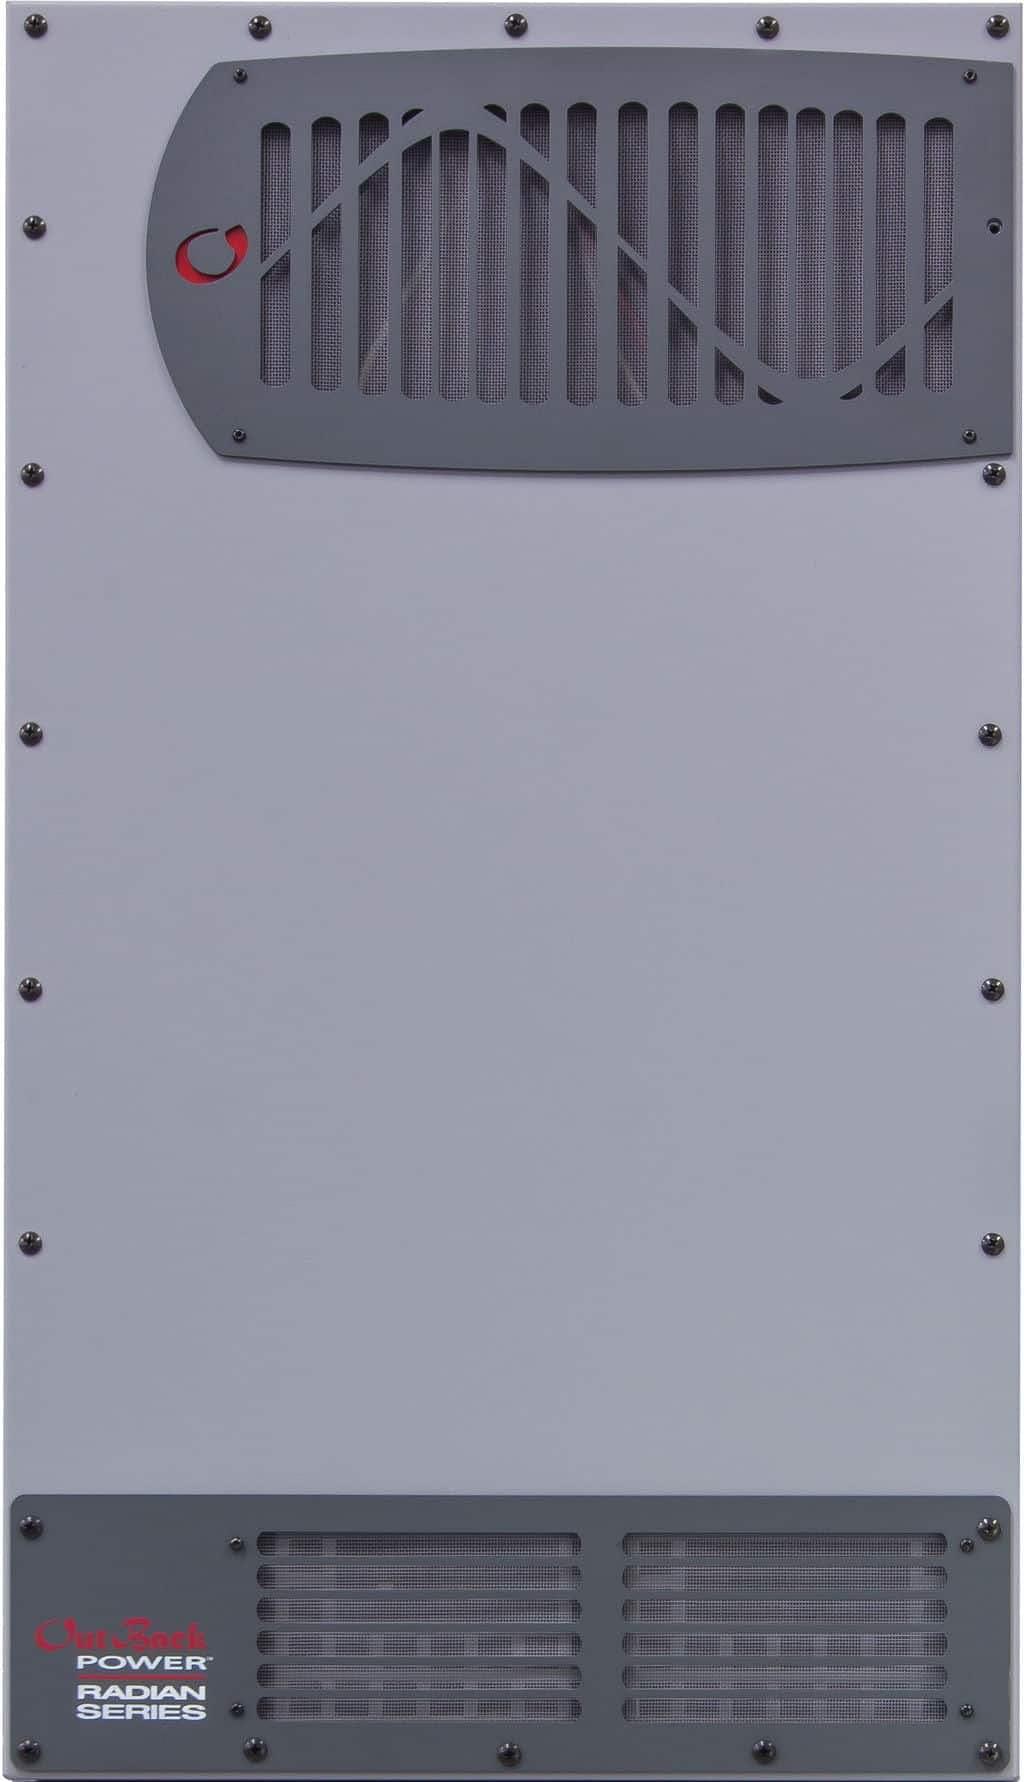 Outback Power Radian GS7048E Export Inverter